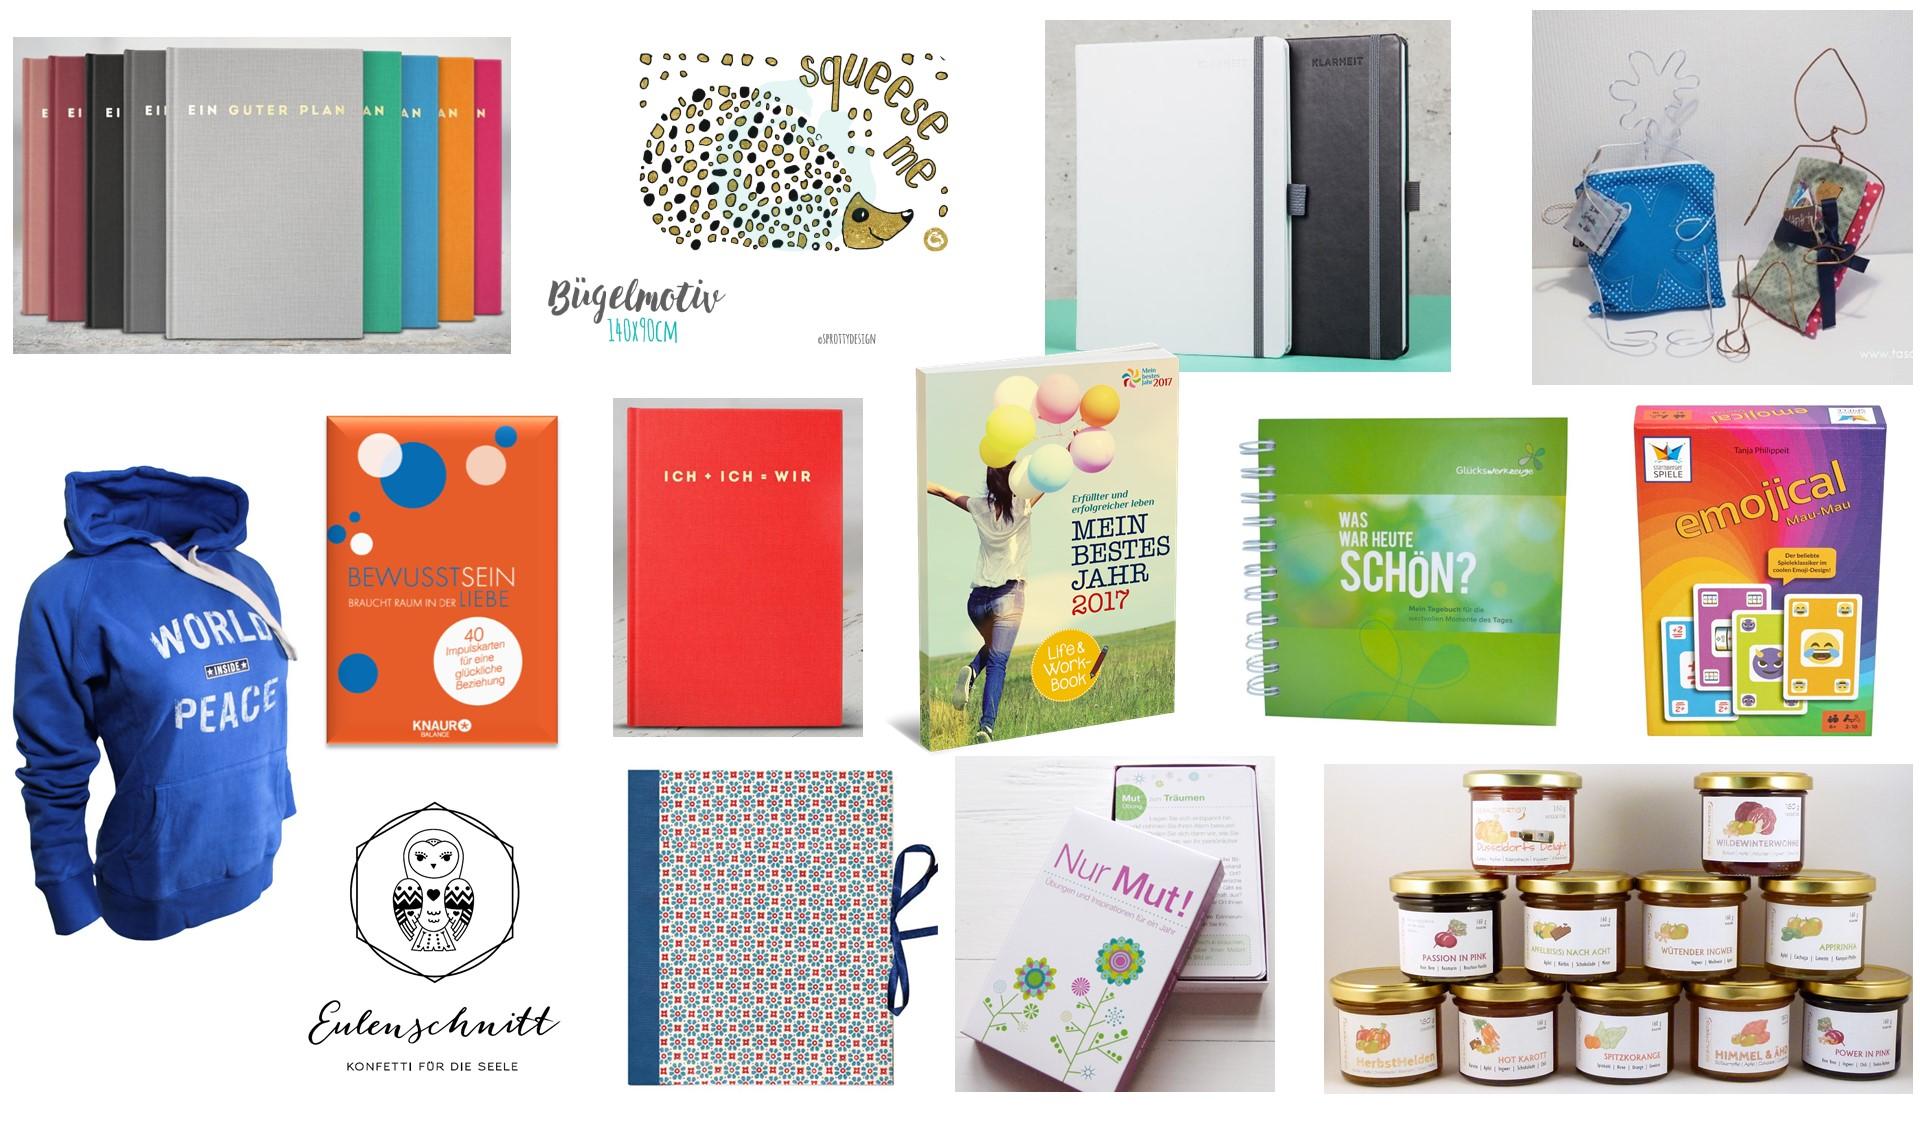 Weihnachtsgeschenke 2016/17. Produkte, die mit viel Liebe entstanden ...